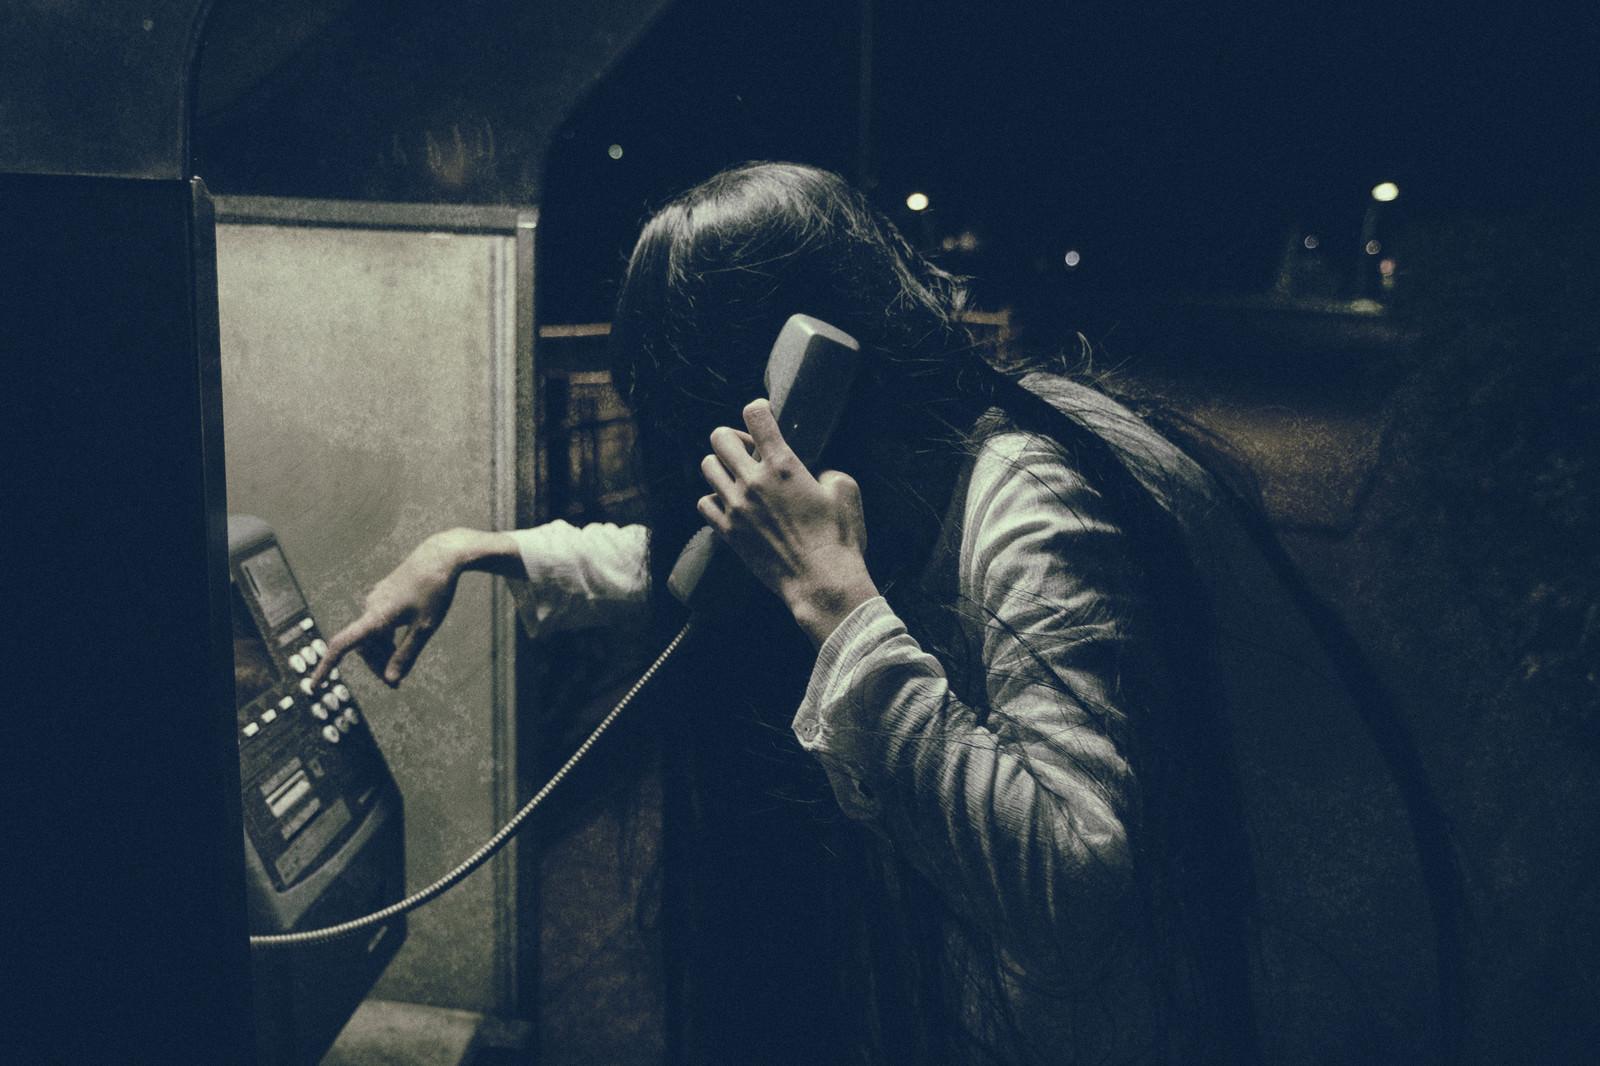 「呪いの電話(ストーカー) | 写真の無料素材・フリー素材 - ぱくたそ」の写真[モデル:緋真煉]